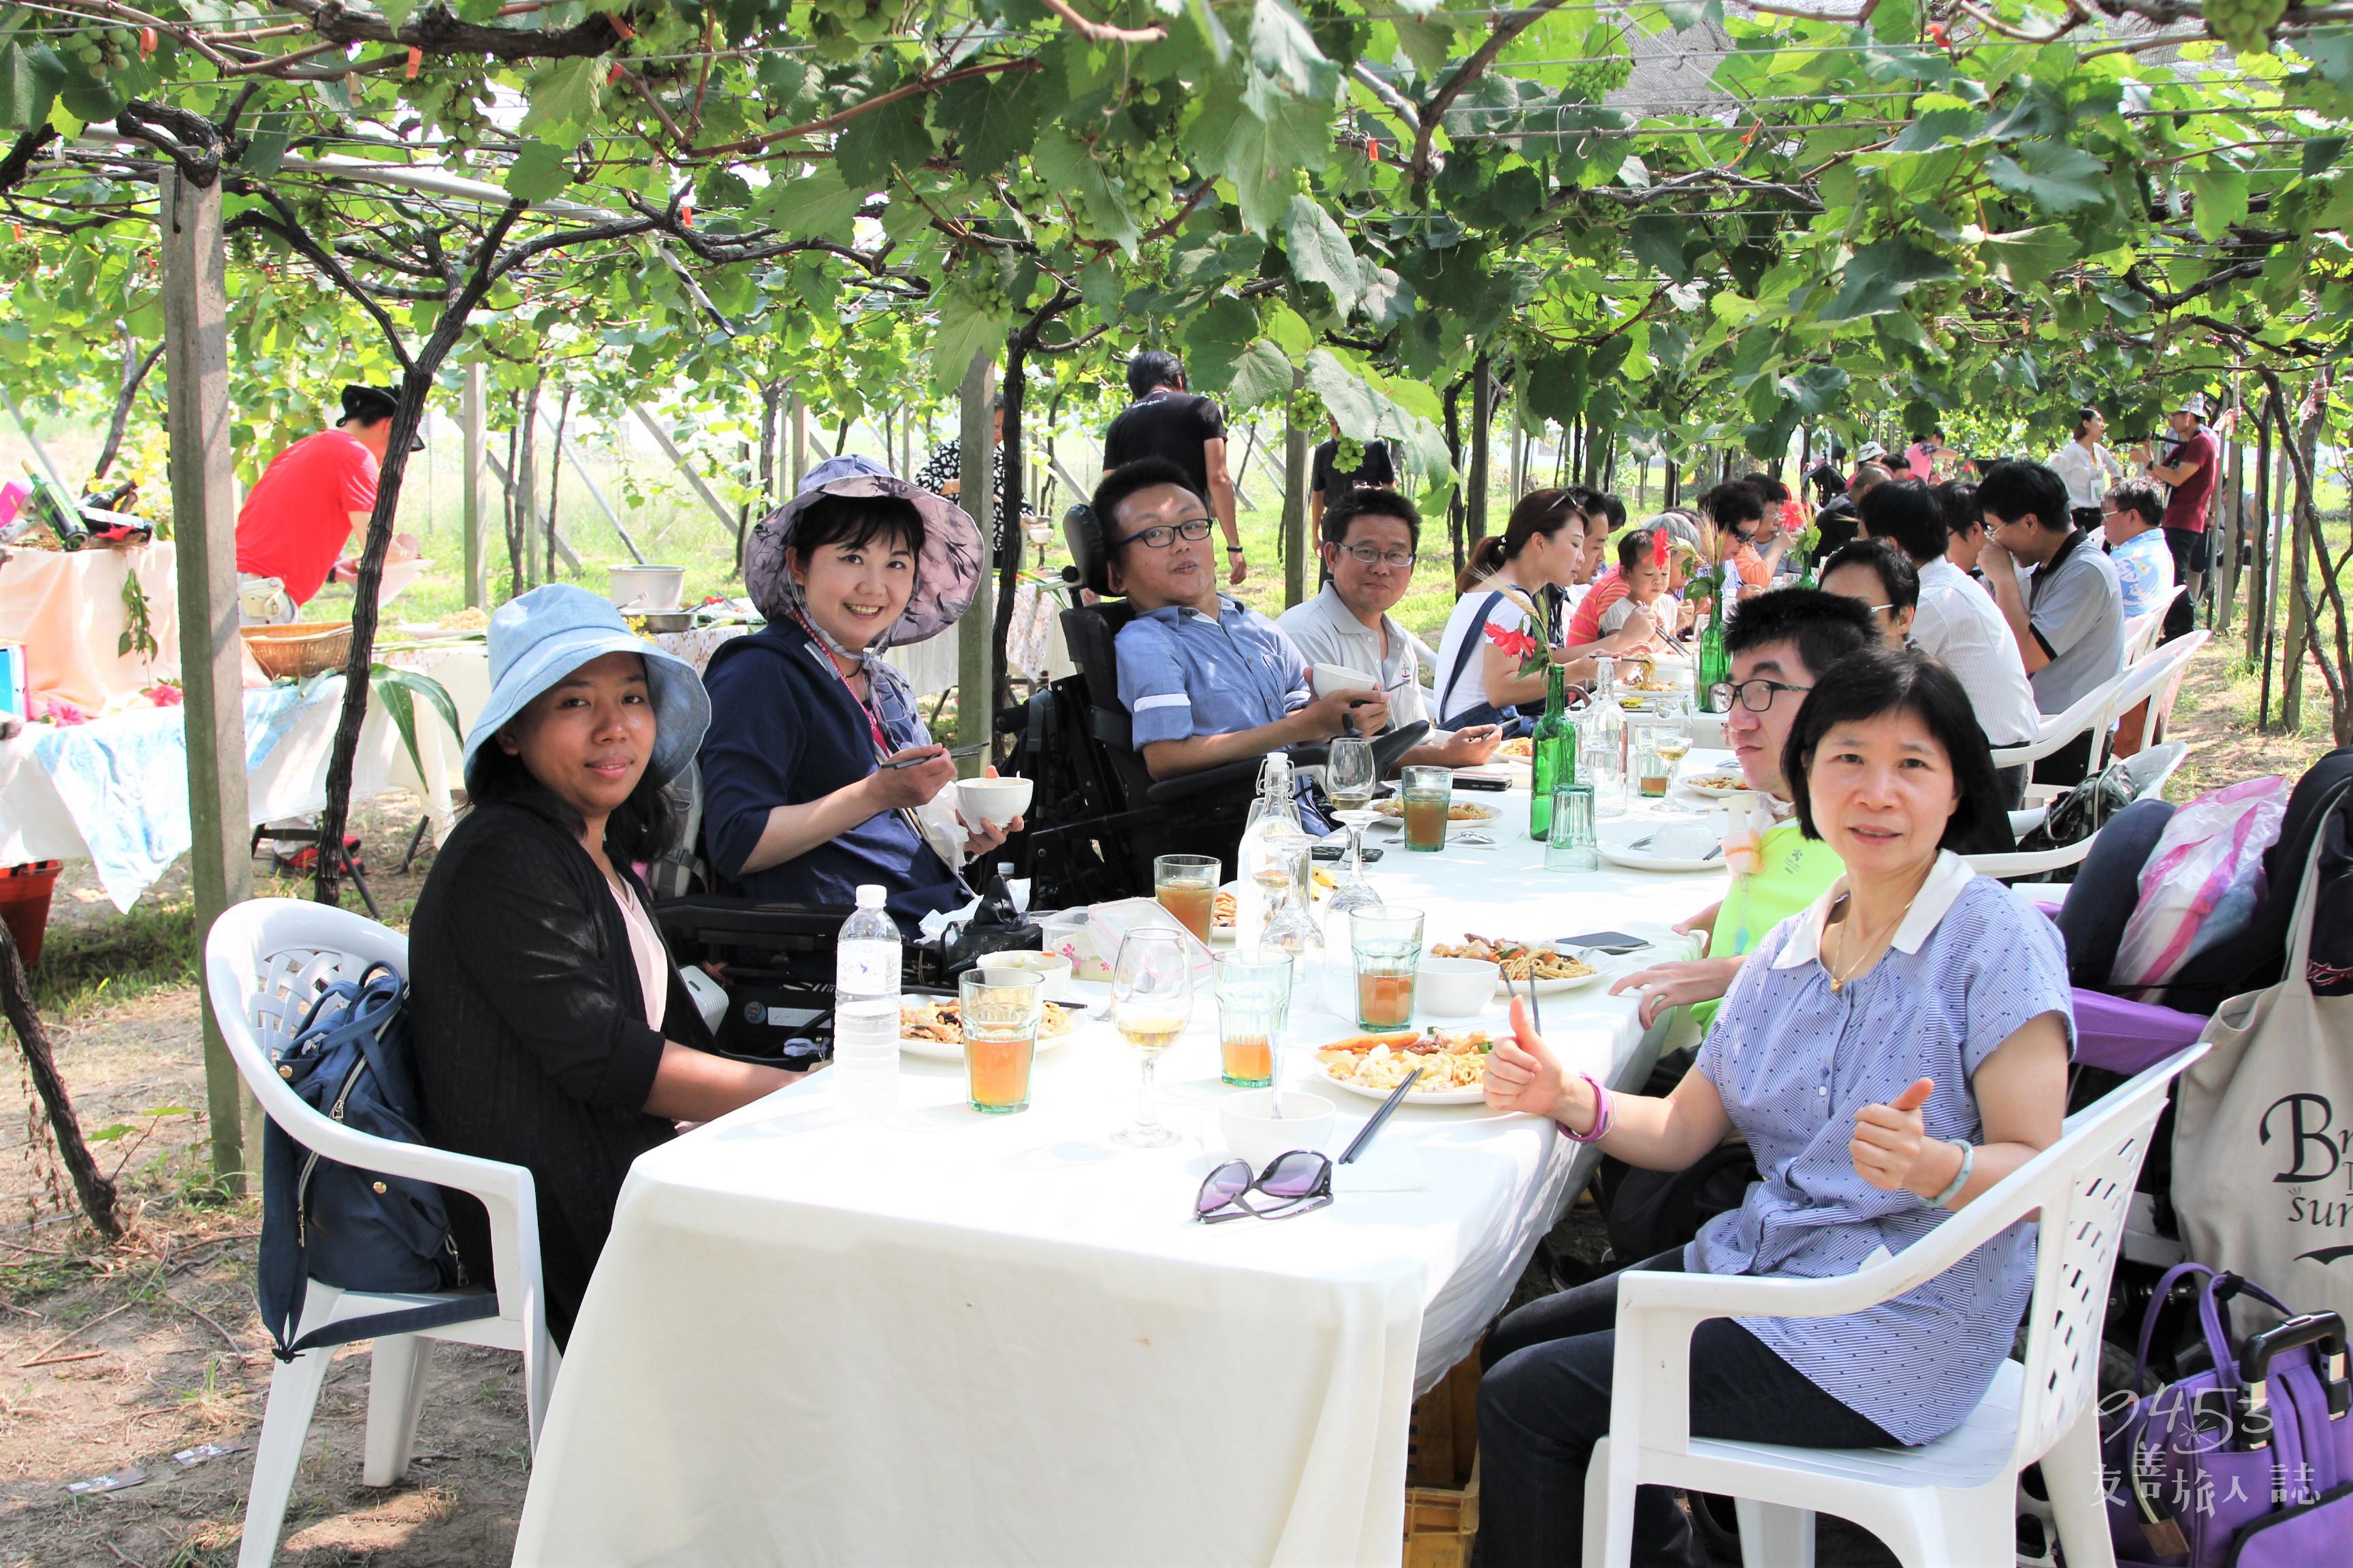 葡萄樹下的餐會